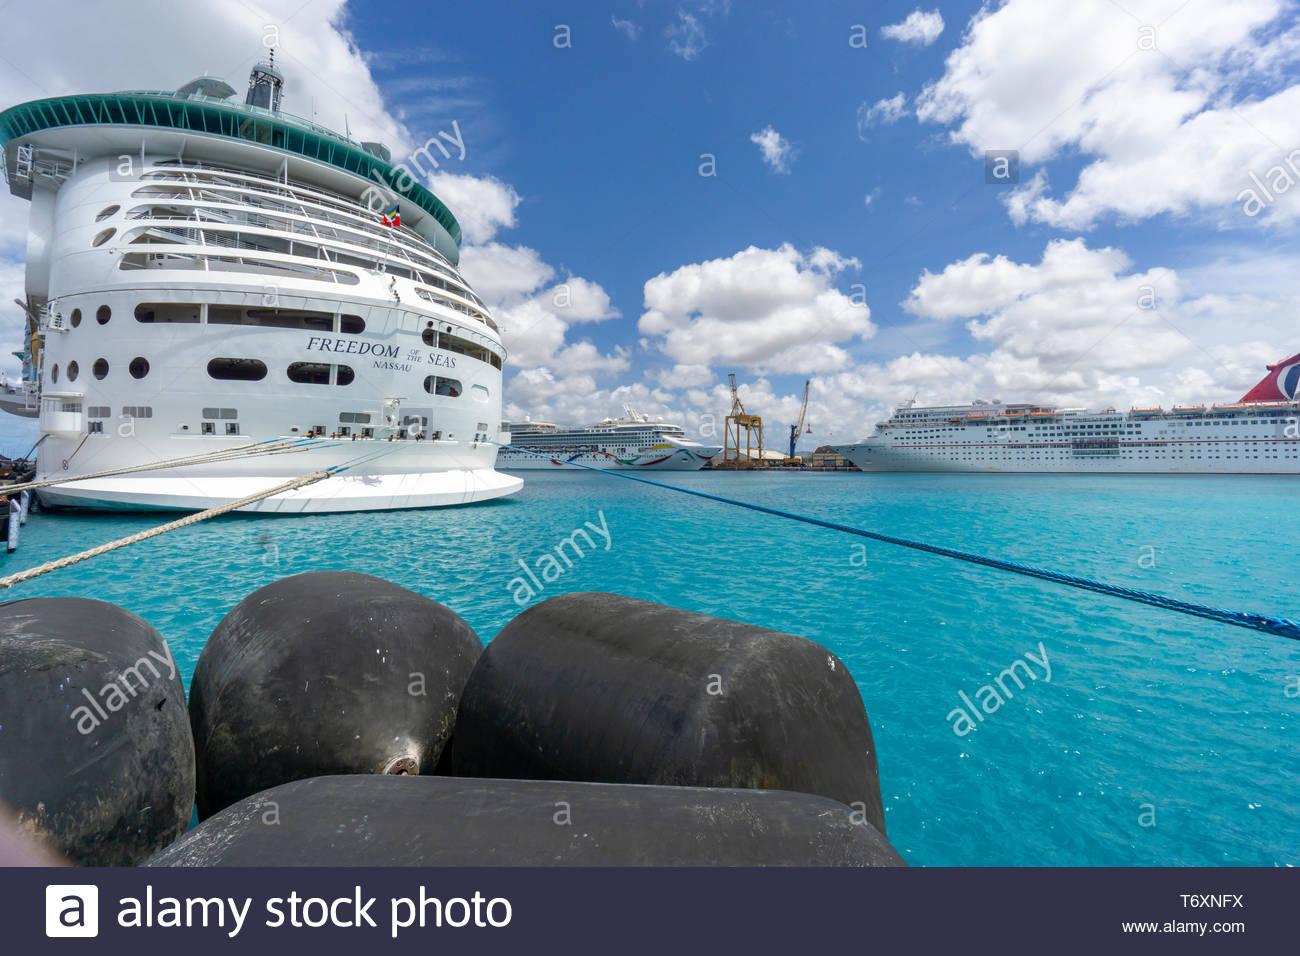 Trois navires de croisière au port à Bridgetown, à la Barbade, une île royaume de Commonwealth dans l'Atlantique Nord dans la région des Caraïbes. Banque D'Images